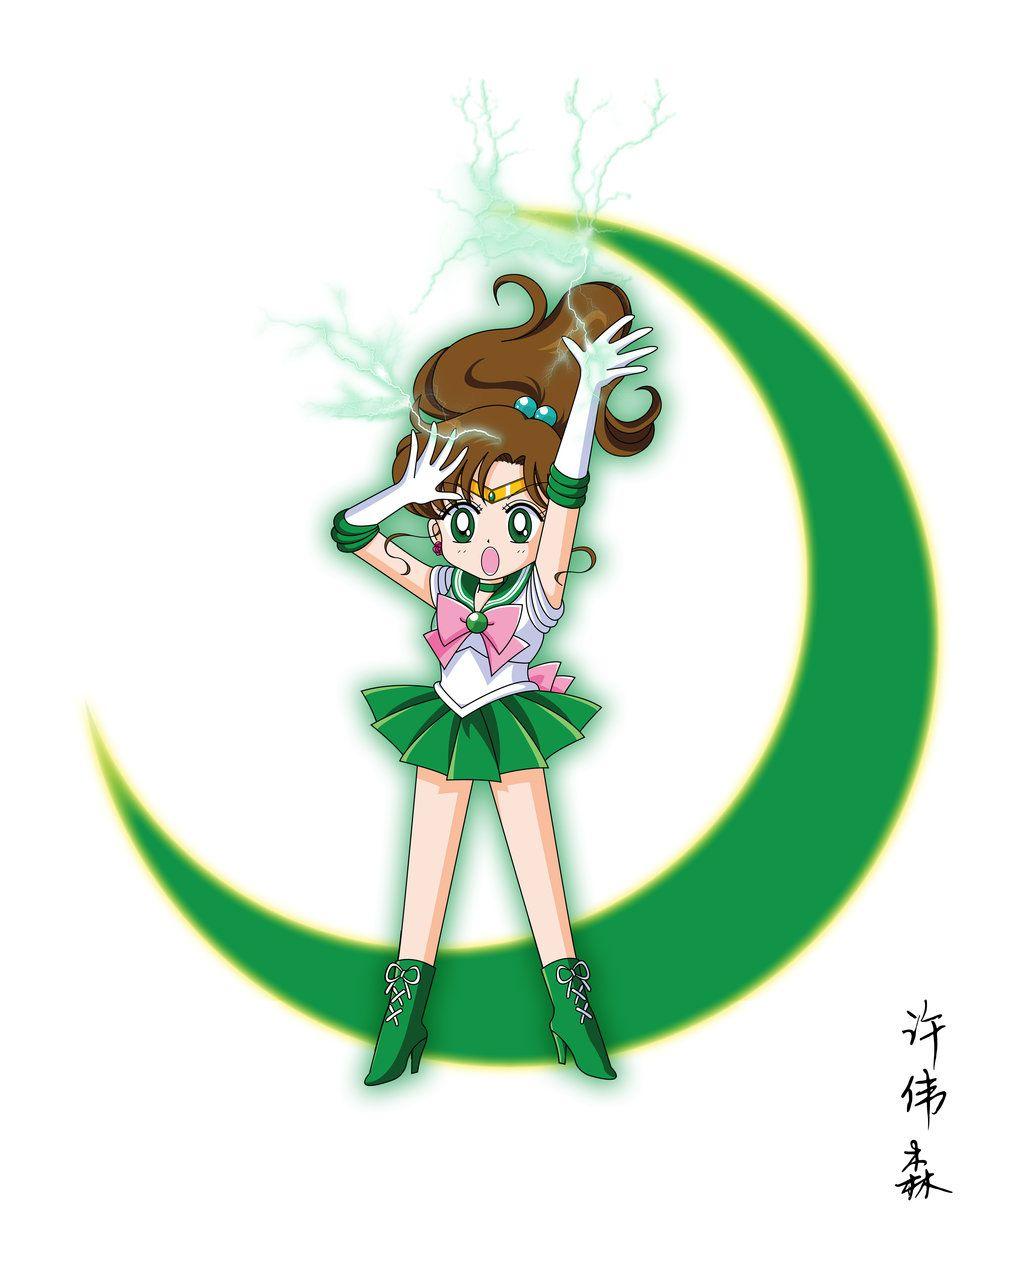 Chibi Sailor Jupiter By Xuweisen On Deviantart Sailor Jupiter Sailor Moon Jupiter Sailor Mini Moon